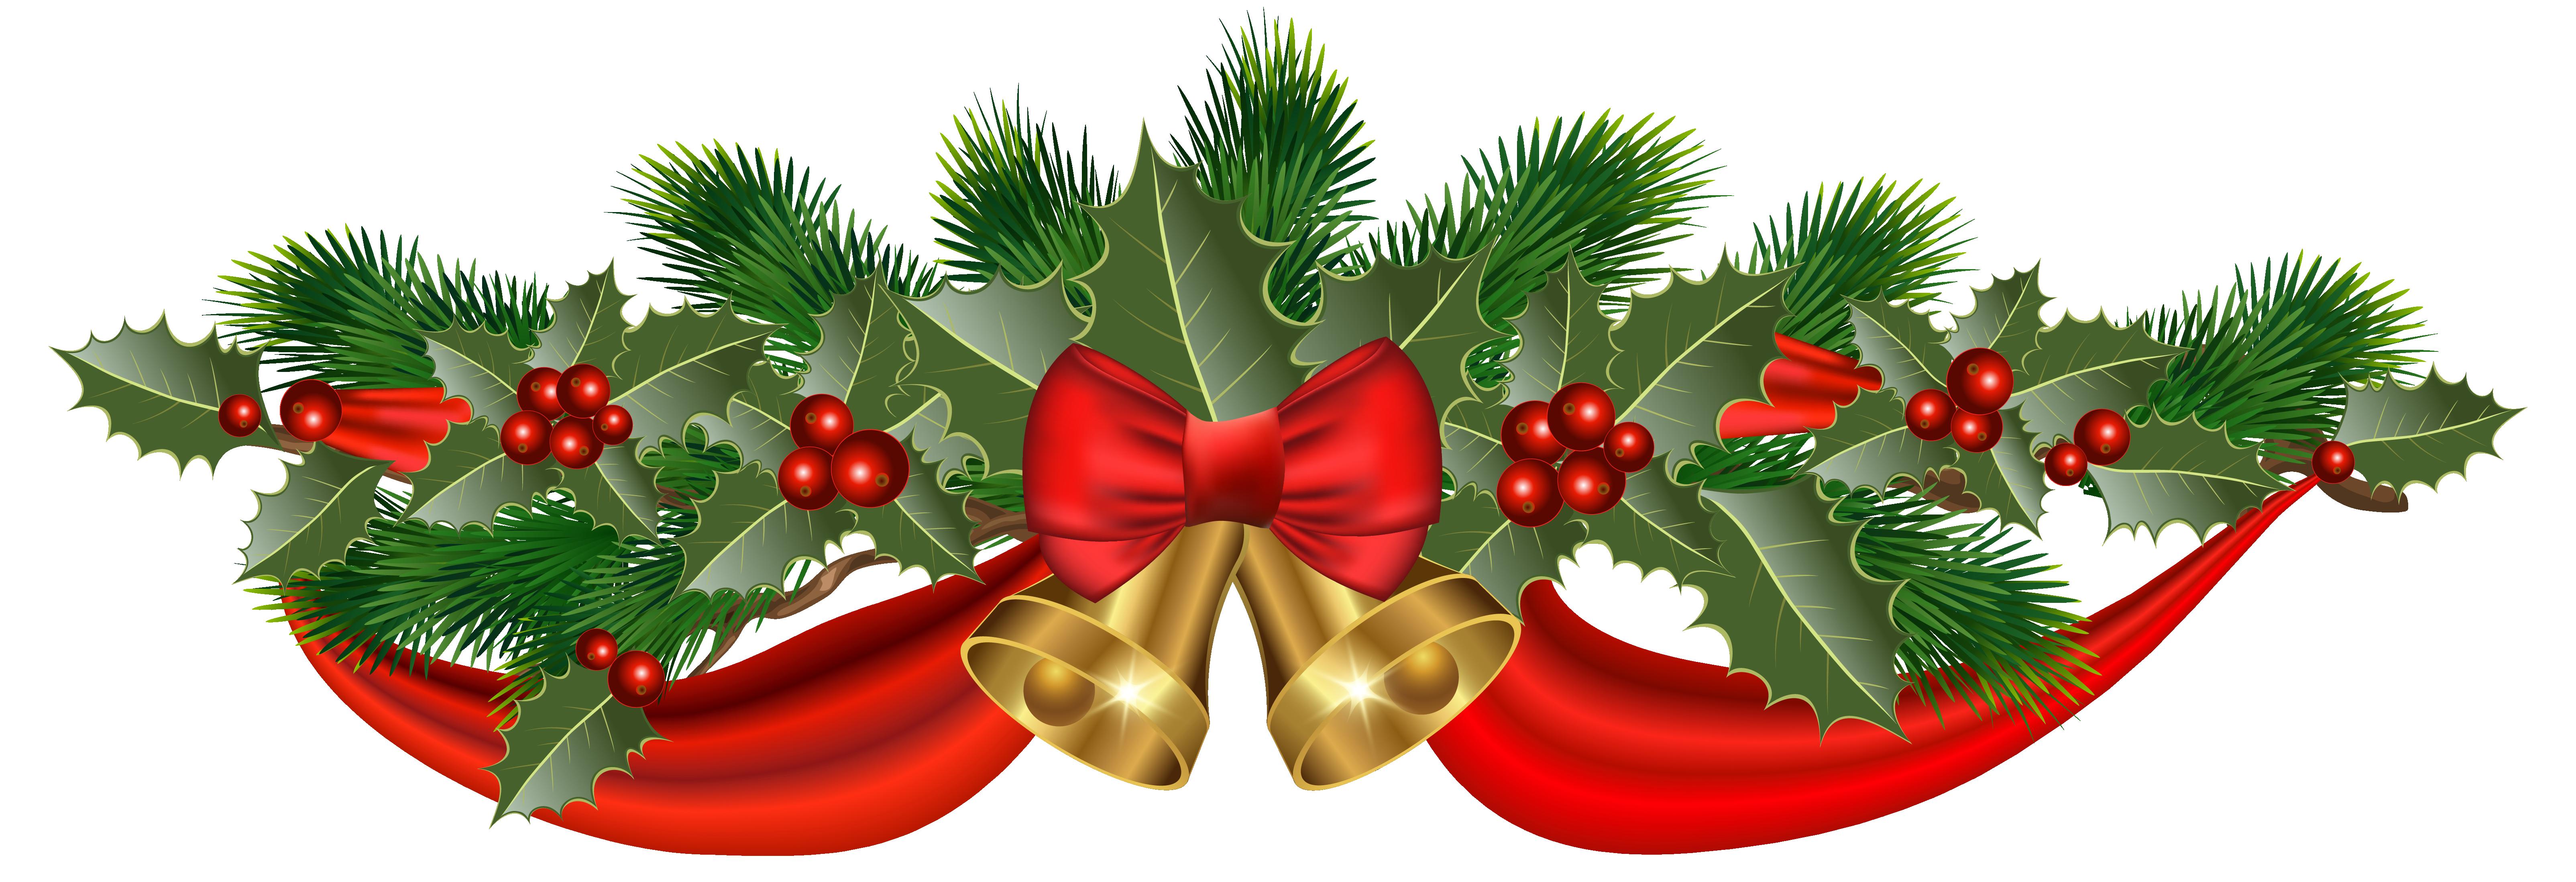 Holley clipart ribbon Christmas Ribbon Clipart Image PNG